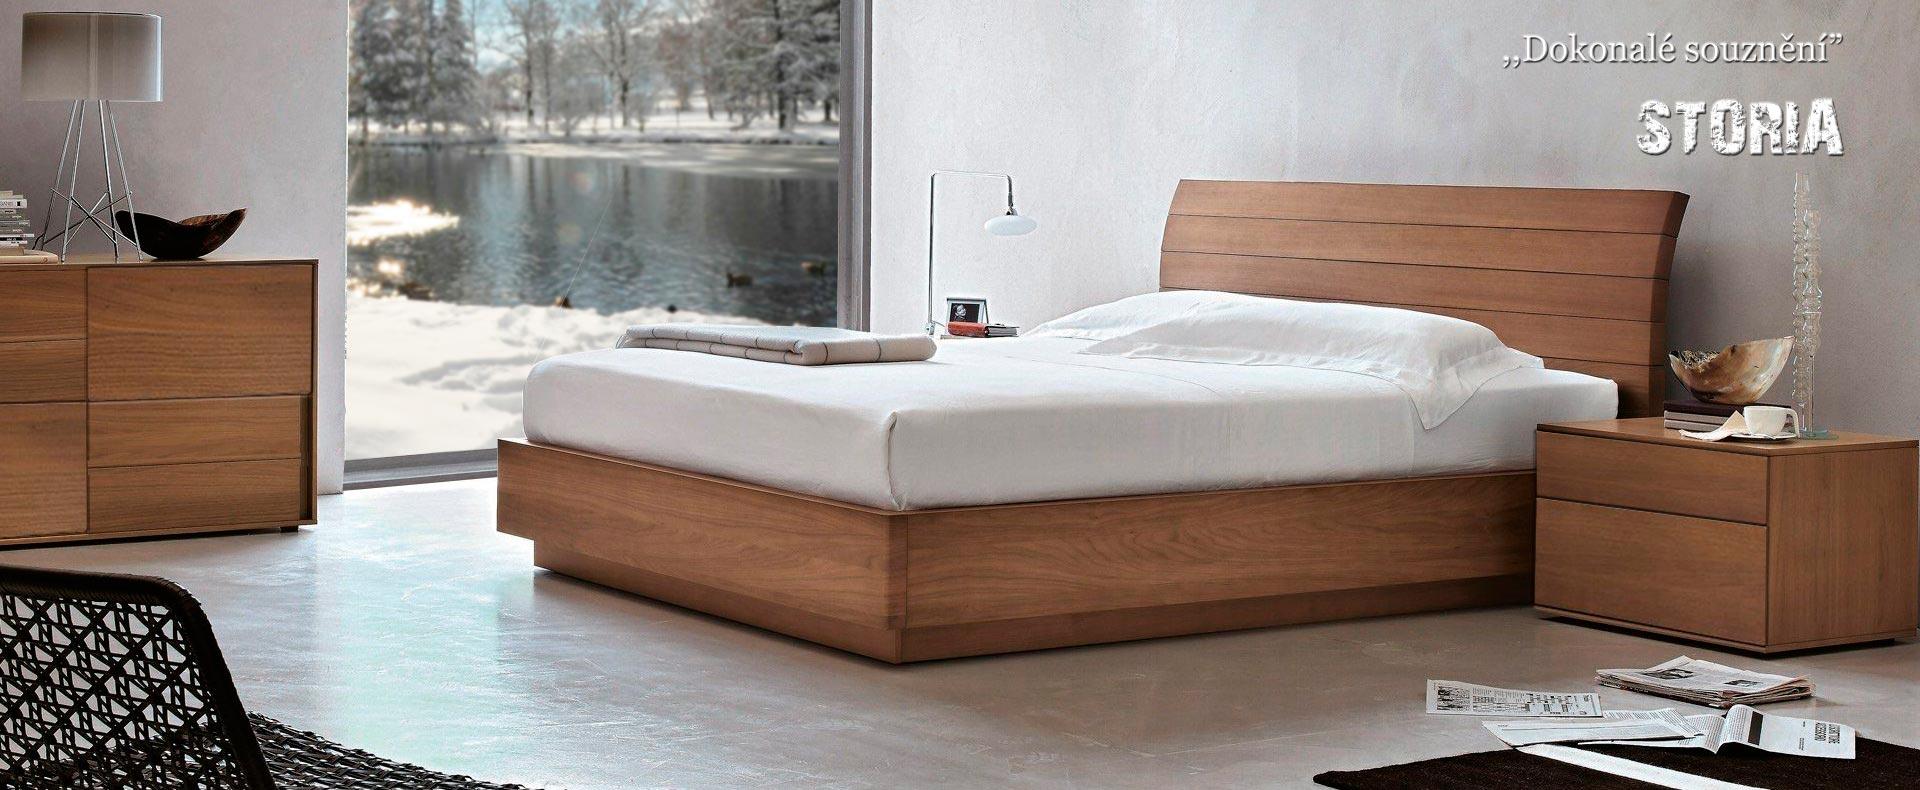 Manželská postel STORIA